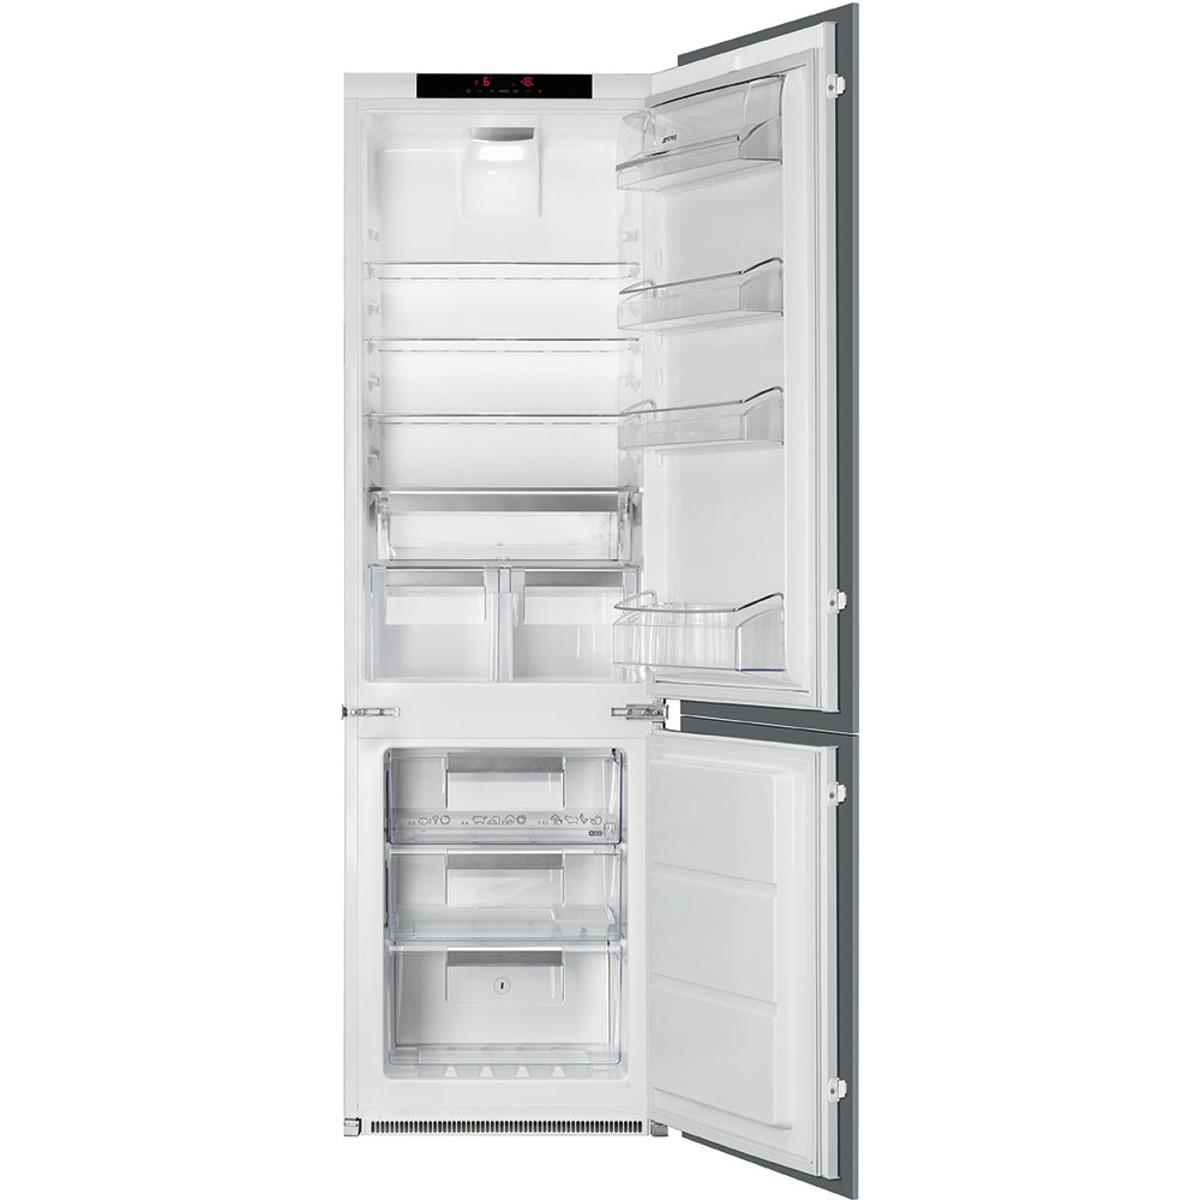 Smeg c7280nld2p bottom mount refrigerator freezer built - Frigoriferi da incasso ikea ...